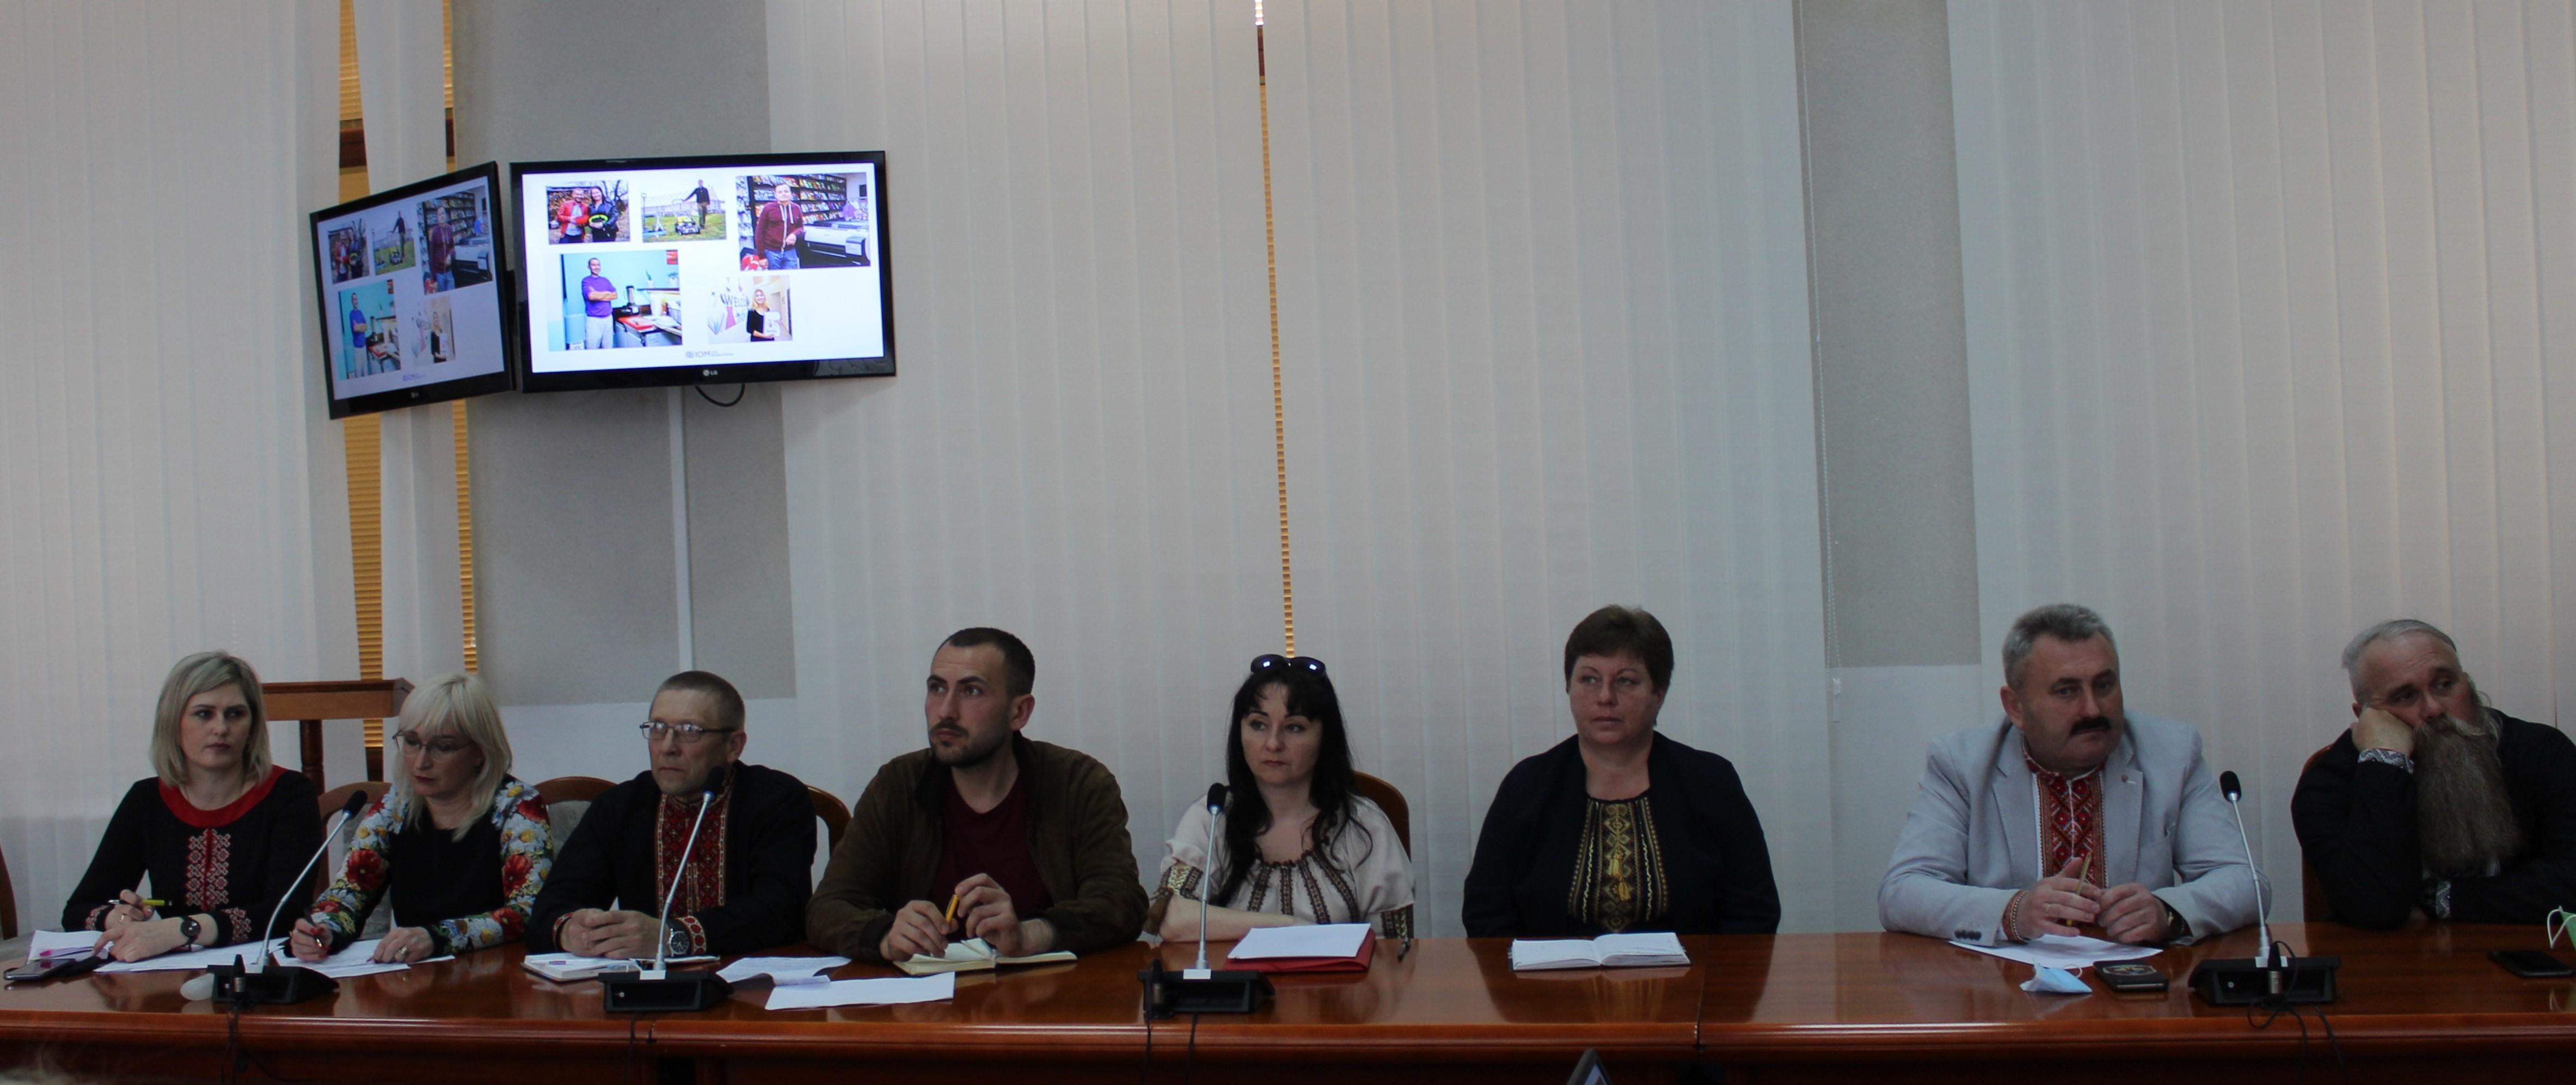 Ветеранські центри Рівненщини можуть отримати підтримку у рамках Проєкту з реінтеграції ветеранів , фото-2